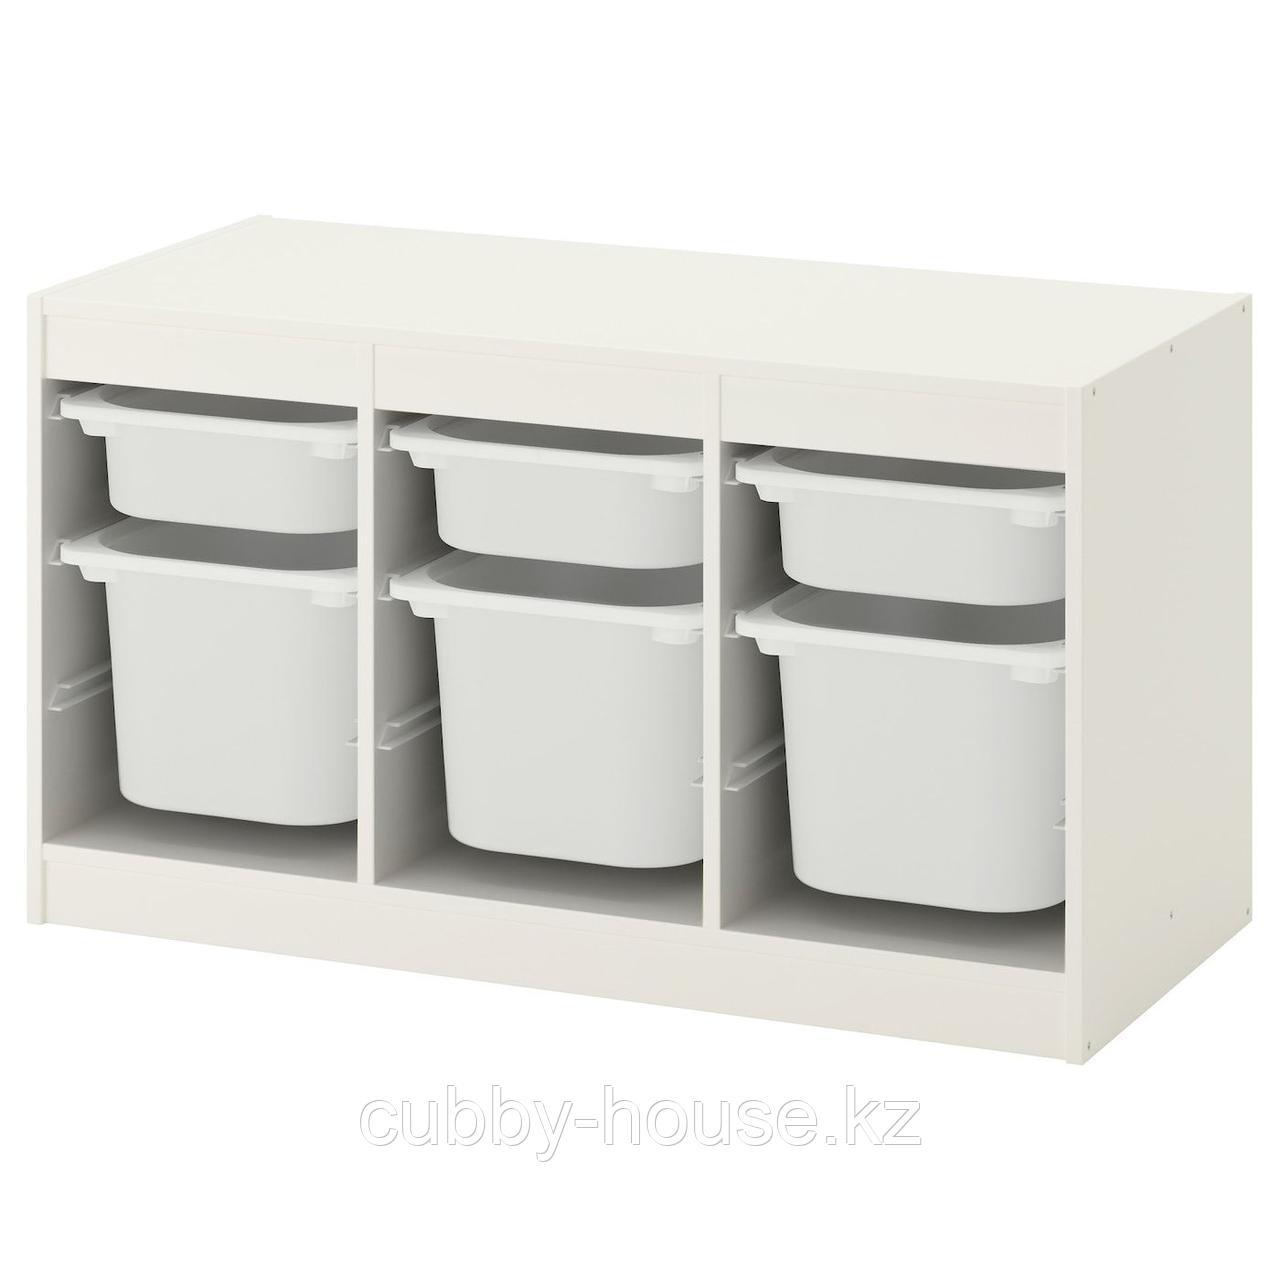 ТРУФАСТ Комбинация д/хранения+контейнеры, белый розовый, розовый, 99x44x56 см